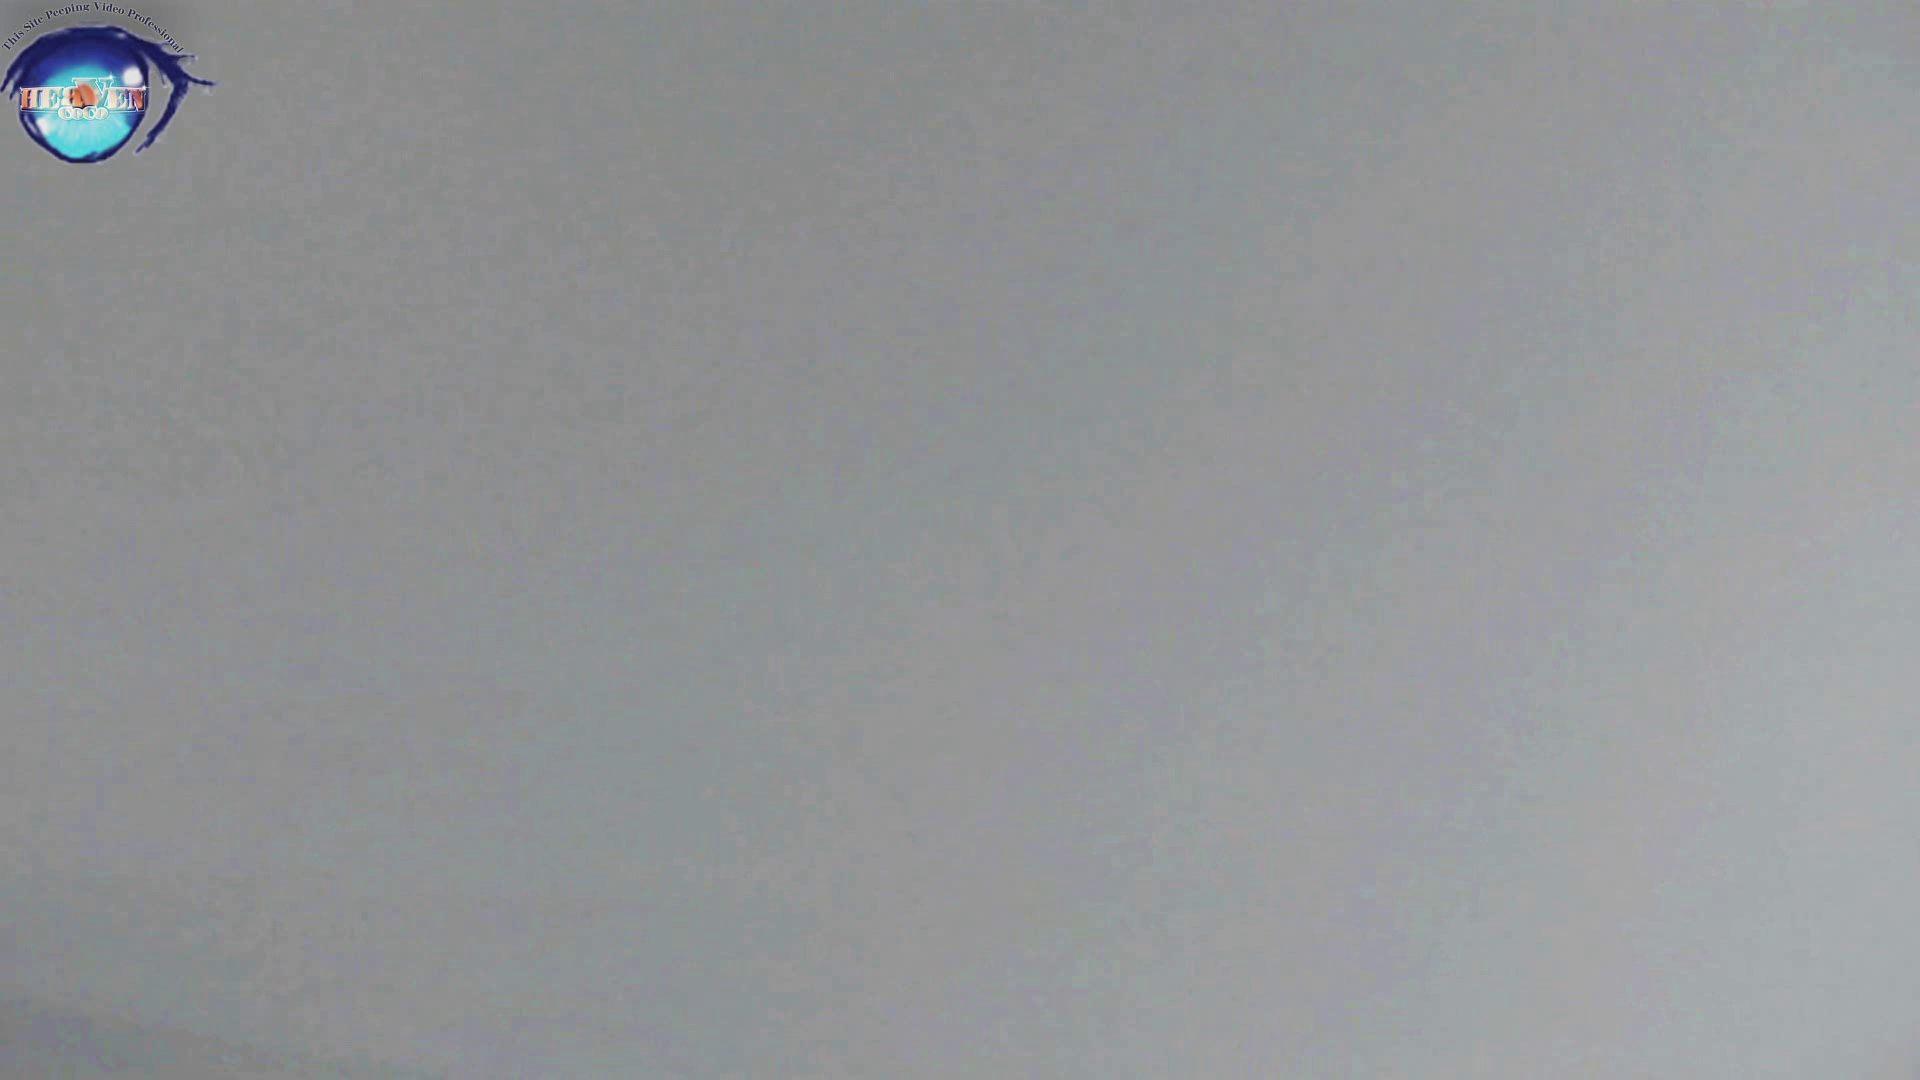 洗面所突入レポート!!お銀 vol.67 新たな場所への挑戦が始まる!!後編 0  51pic 16